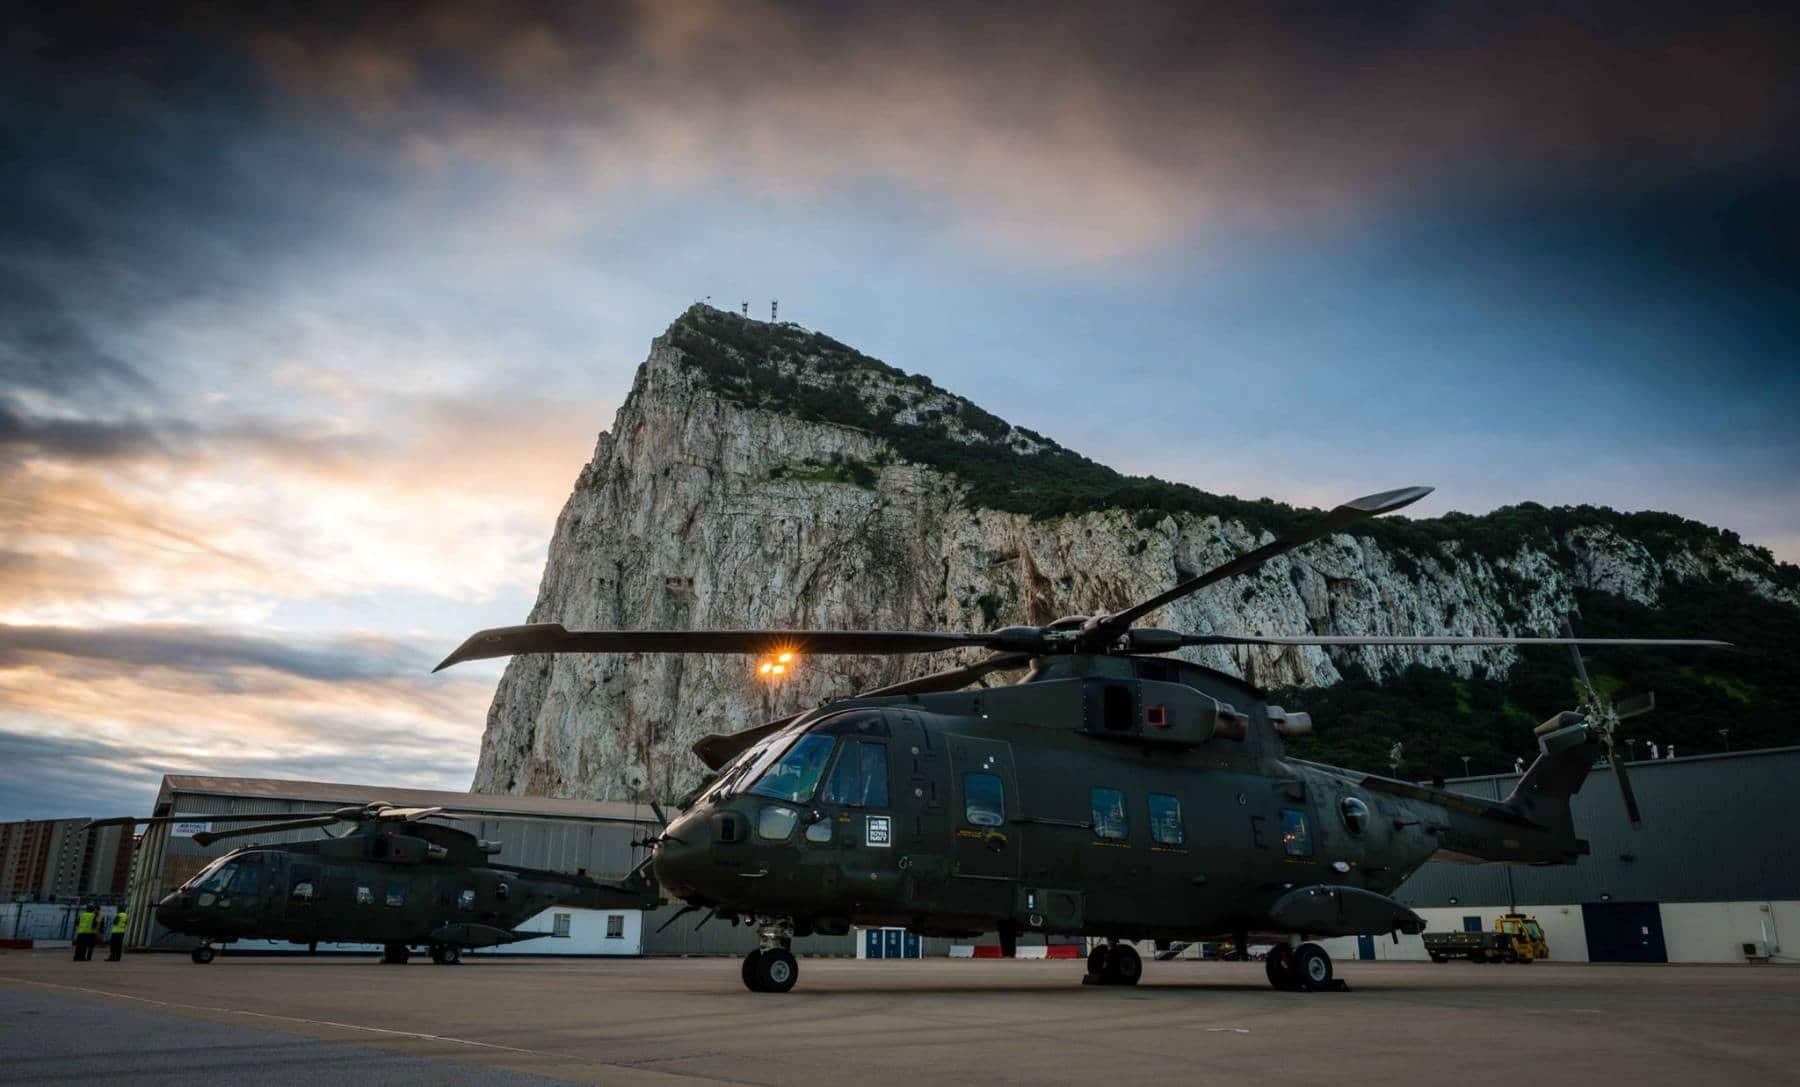 15-de-enero-2016-simulacro-de-rescate-con-helicpteros-merlin-mk3-en-gibraltar-04_23771648983_o